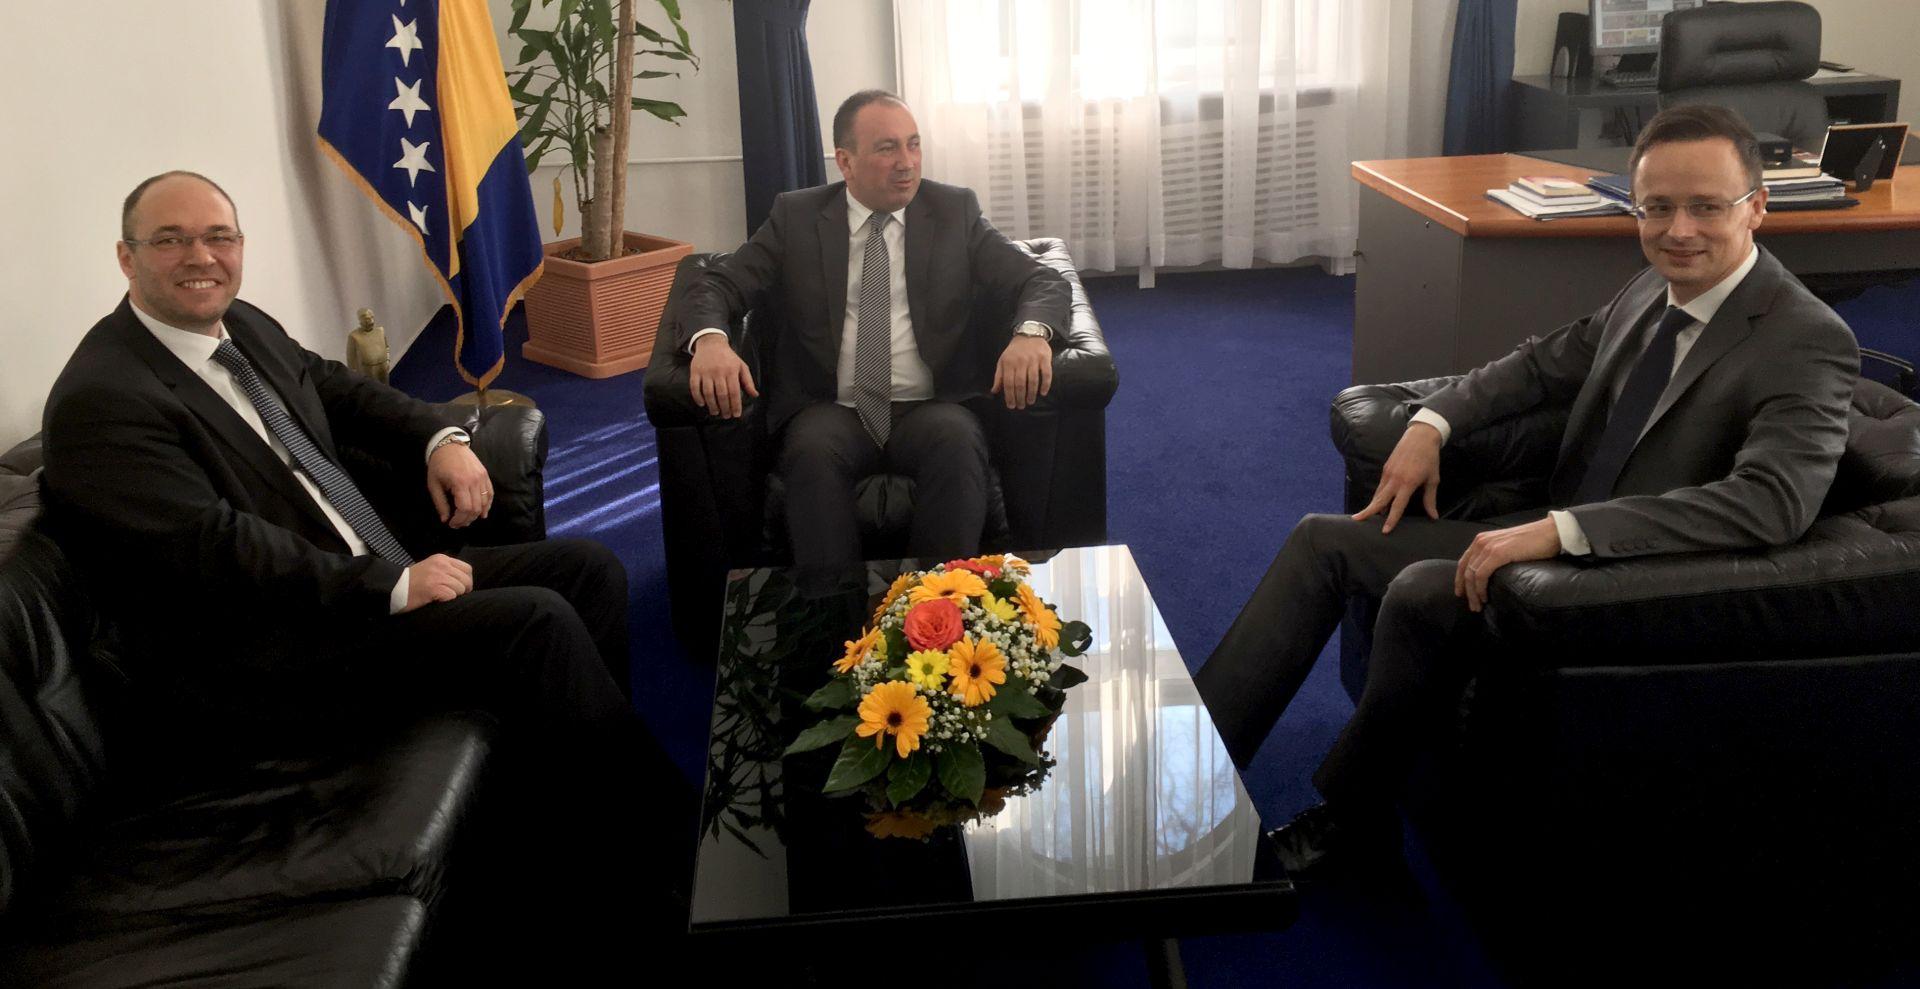 STIER: Hrvatska zajedno s Mađarskom vitalno zainteresirana za stabilnost BiH